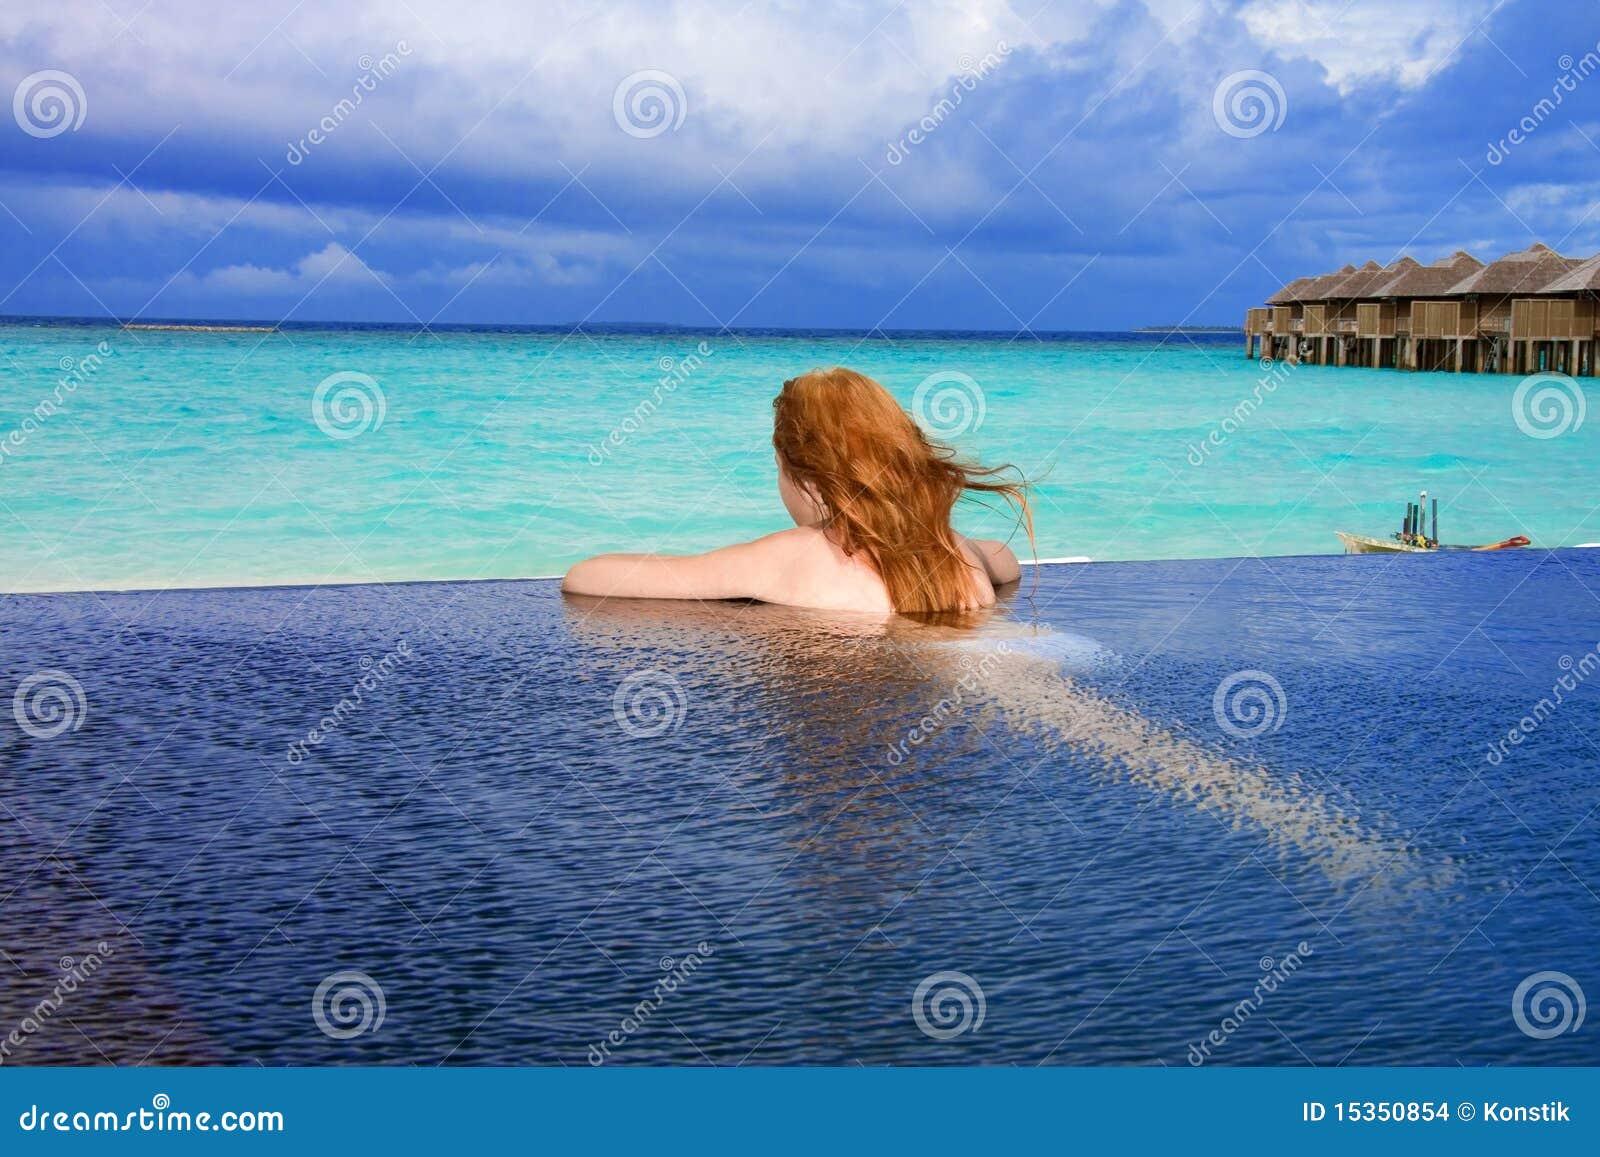 Секс на экзотических островах, гиг порно на острове видео смотреть HD порно 28 фотография